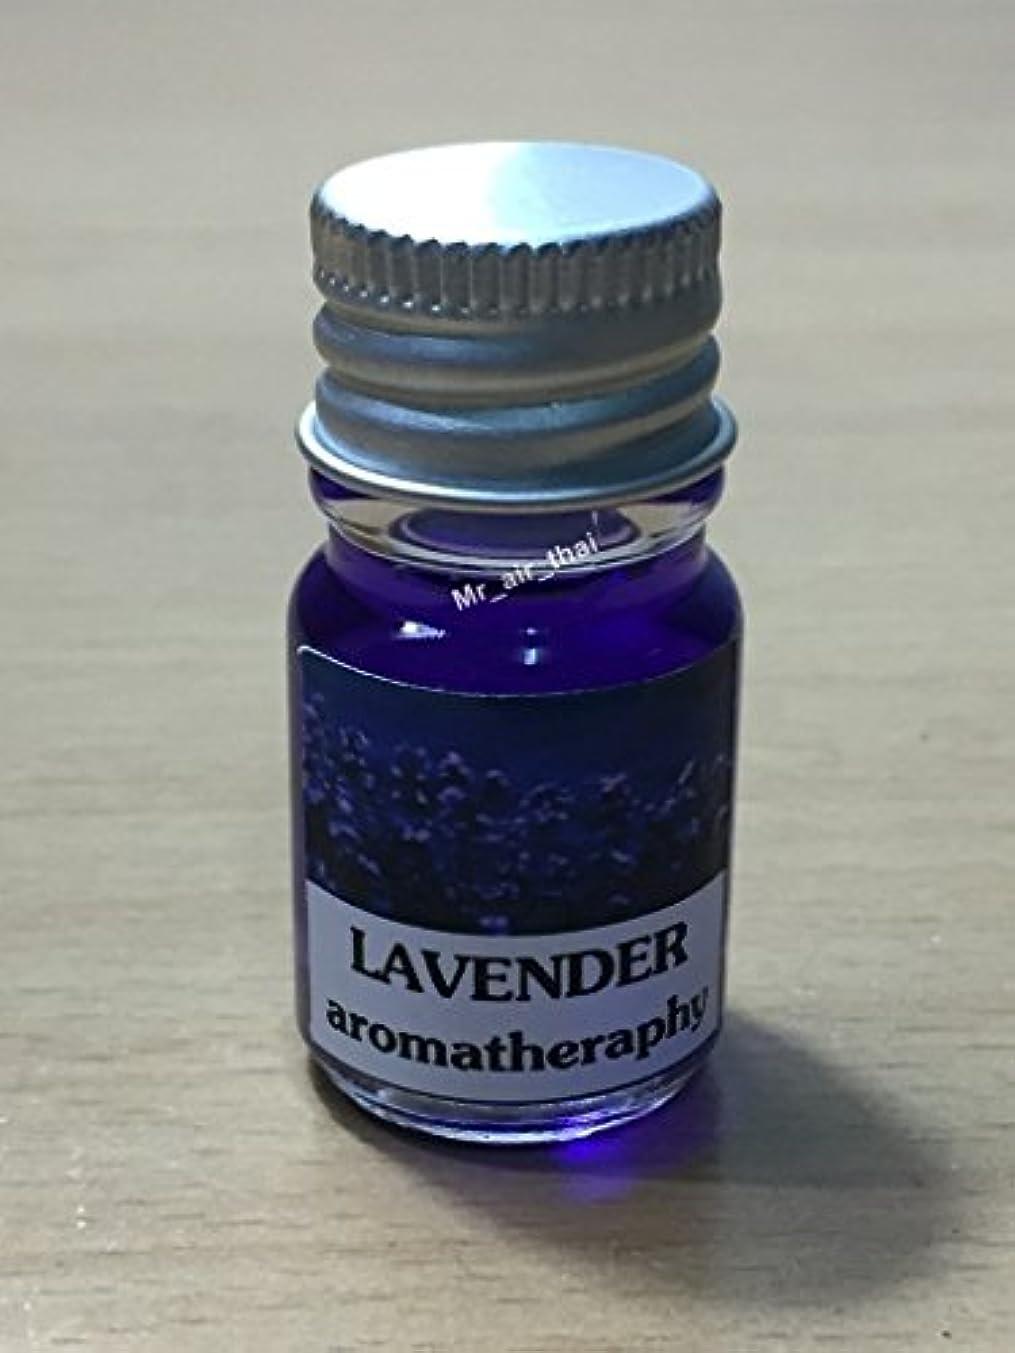 肉腫生き物慣性5ミリリットルアロマラベンダーフランクインセンスエッセンシャルオイルボトルアロマテラピーオイル自然自然5ml Aroma Lavender Frankincense Essential Oil Bottles Aromatherapy...